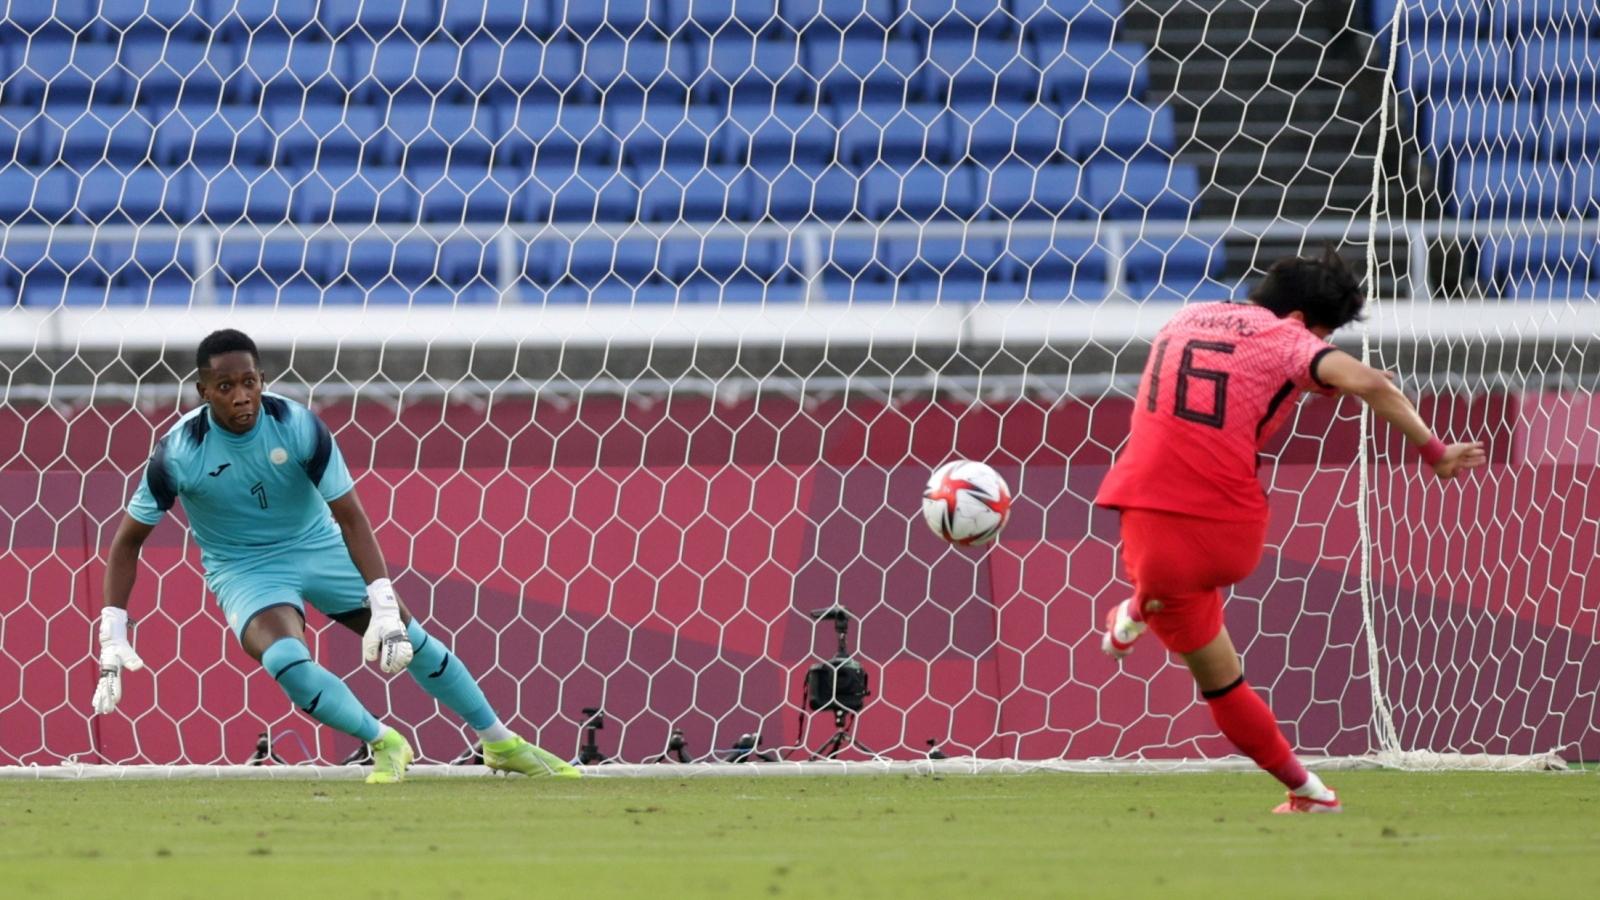 TRỰC TIẾP Hàn Quốc 2-0 Honduras: Thẻ đỏ trực tiếp